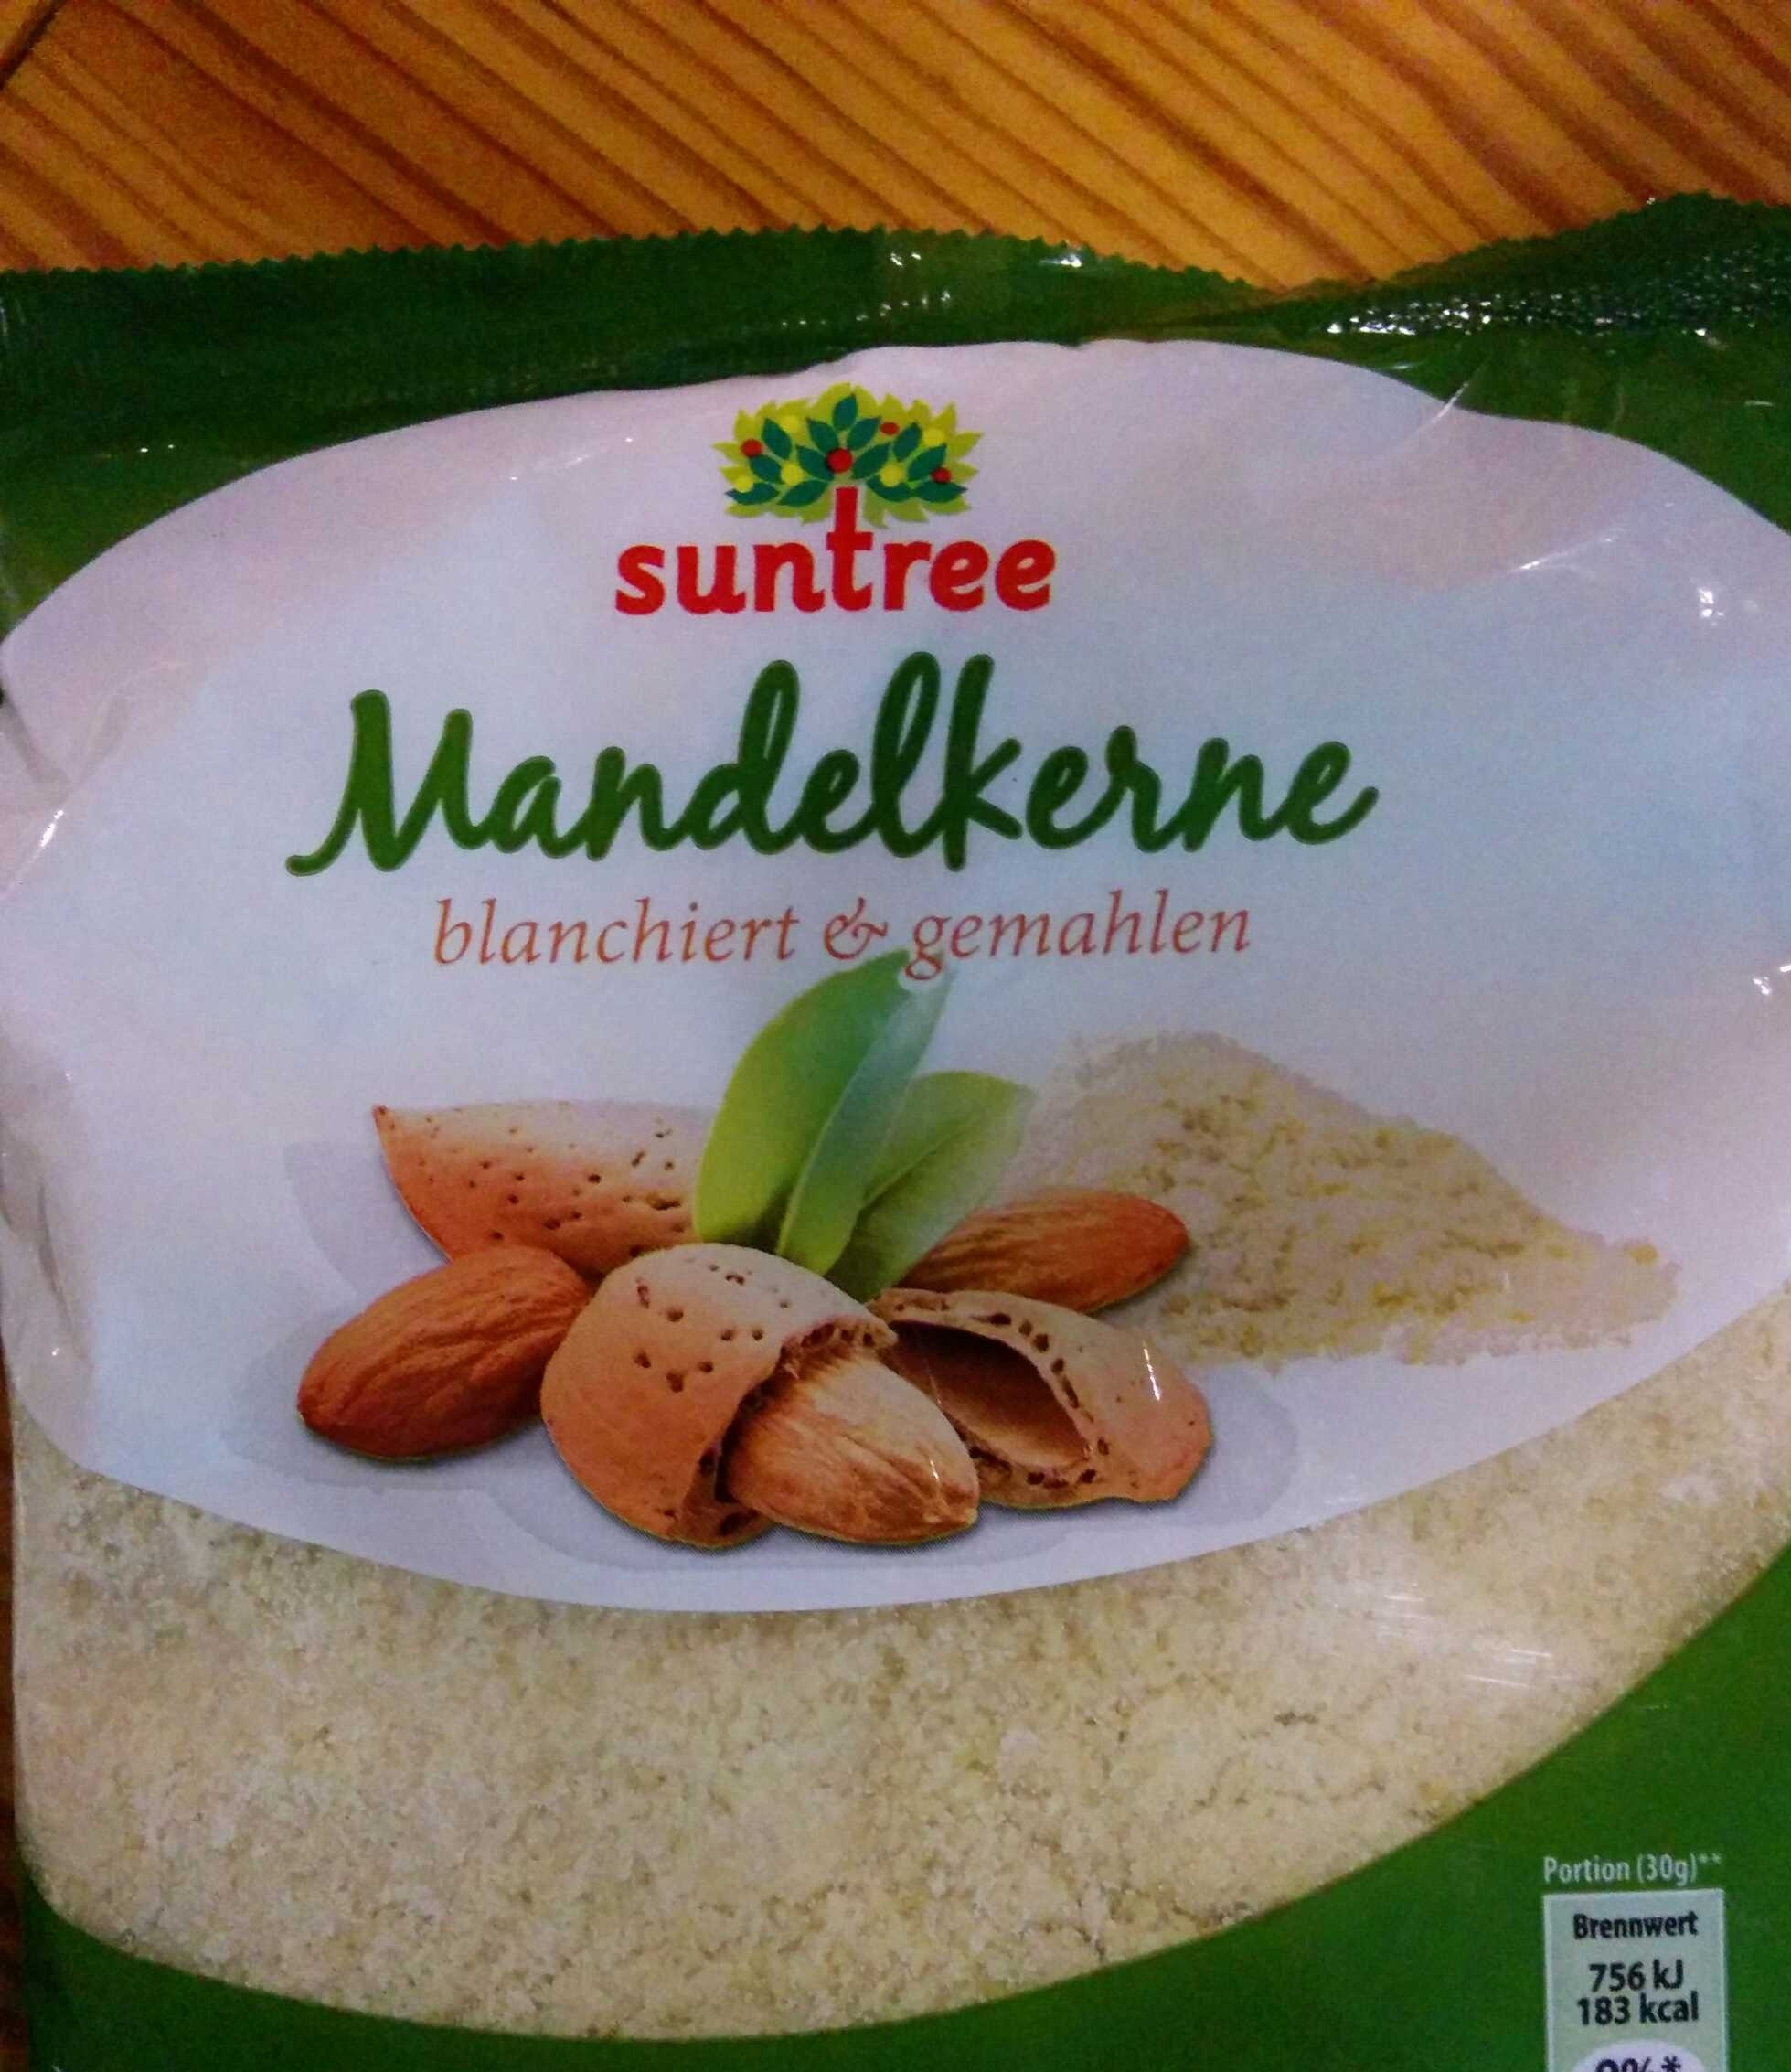 Mandelkerne blanciert und gemahlen - Product - de